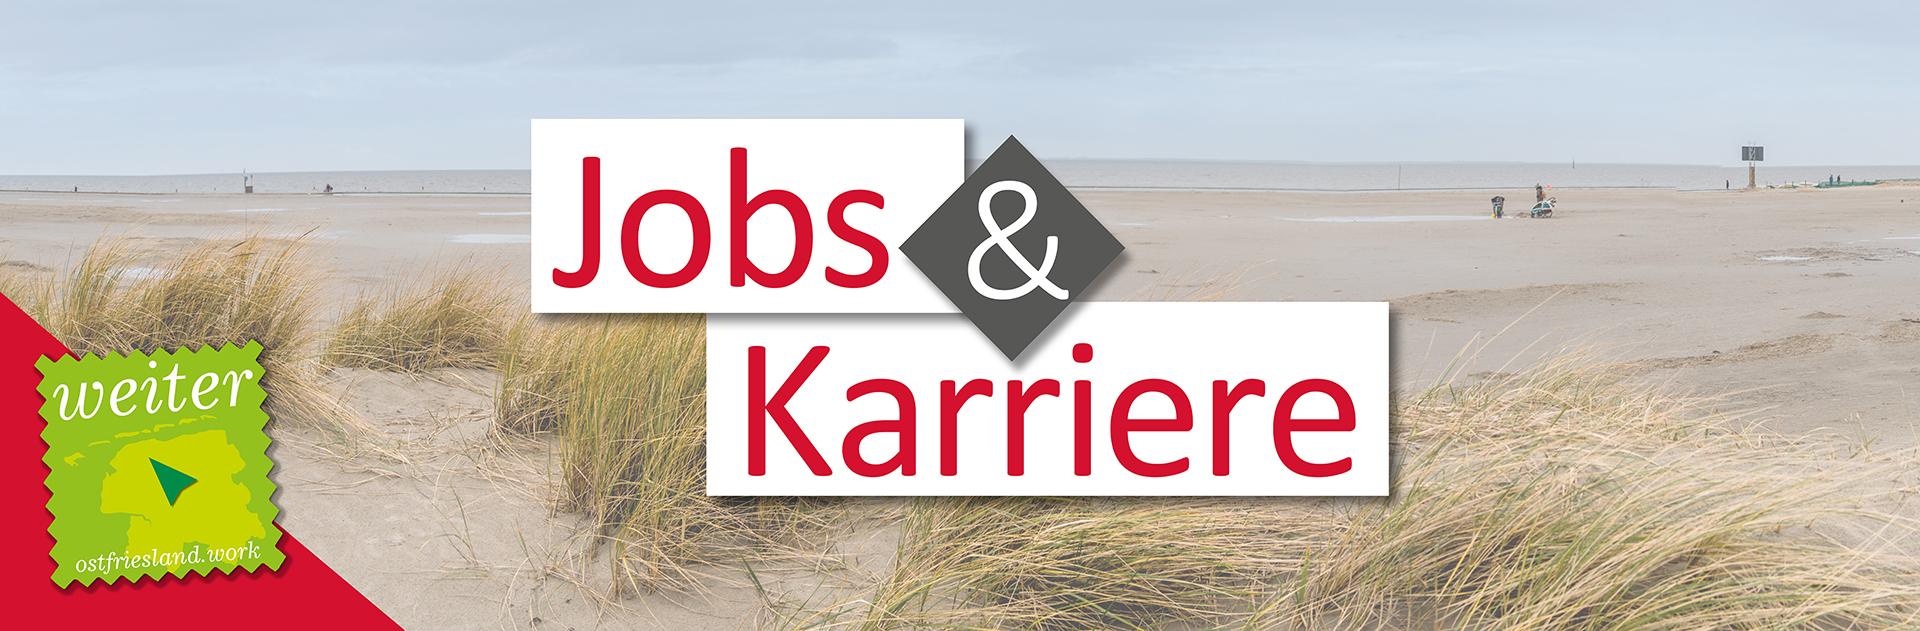 Dünen, Strand und Schrift: Jobs & Karriere